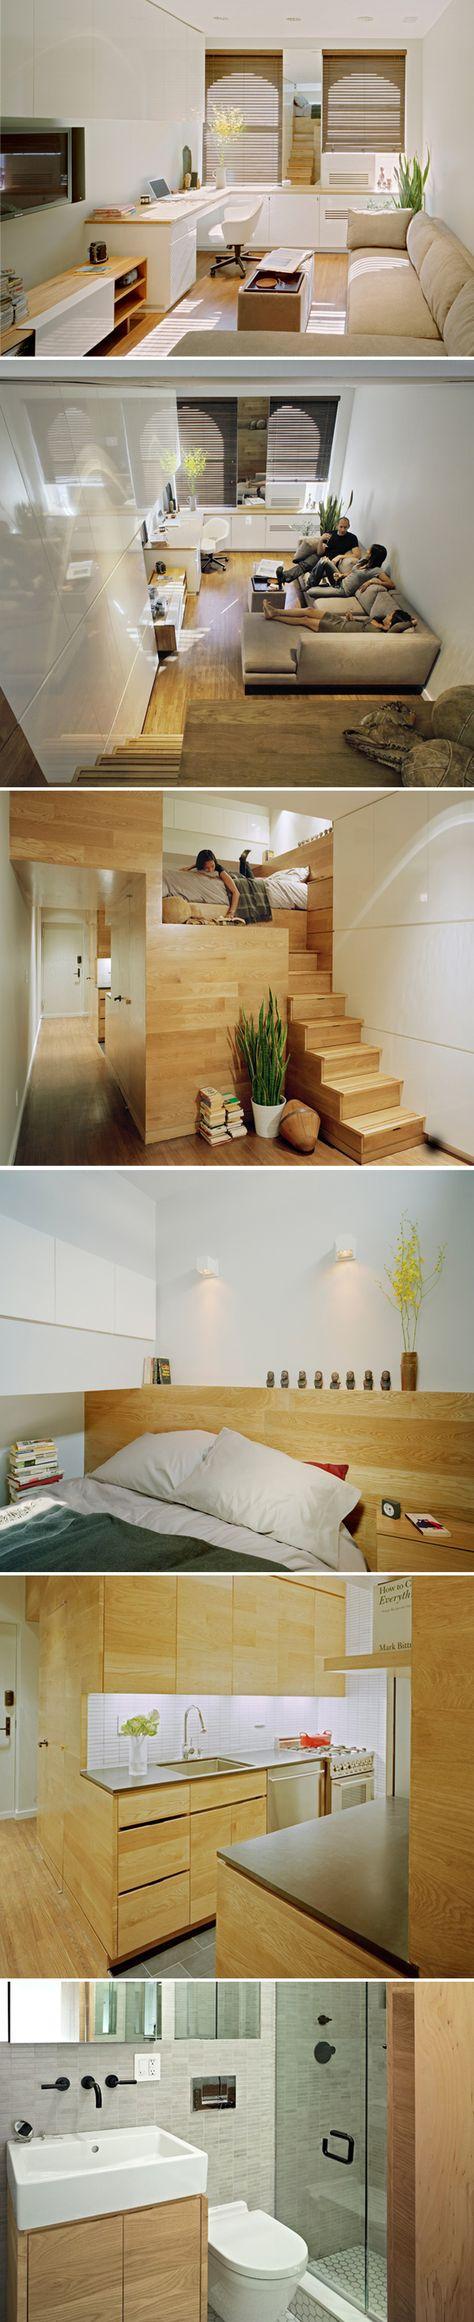 Cute studio apartment.